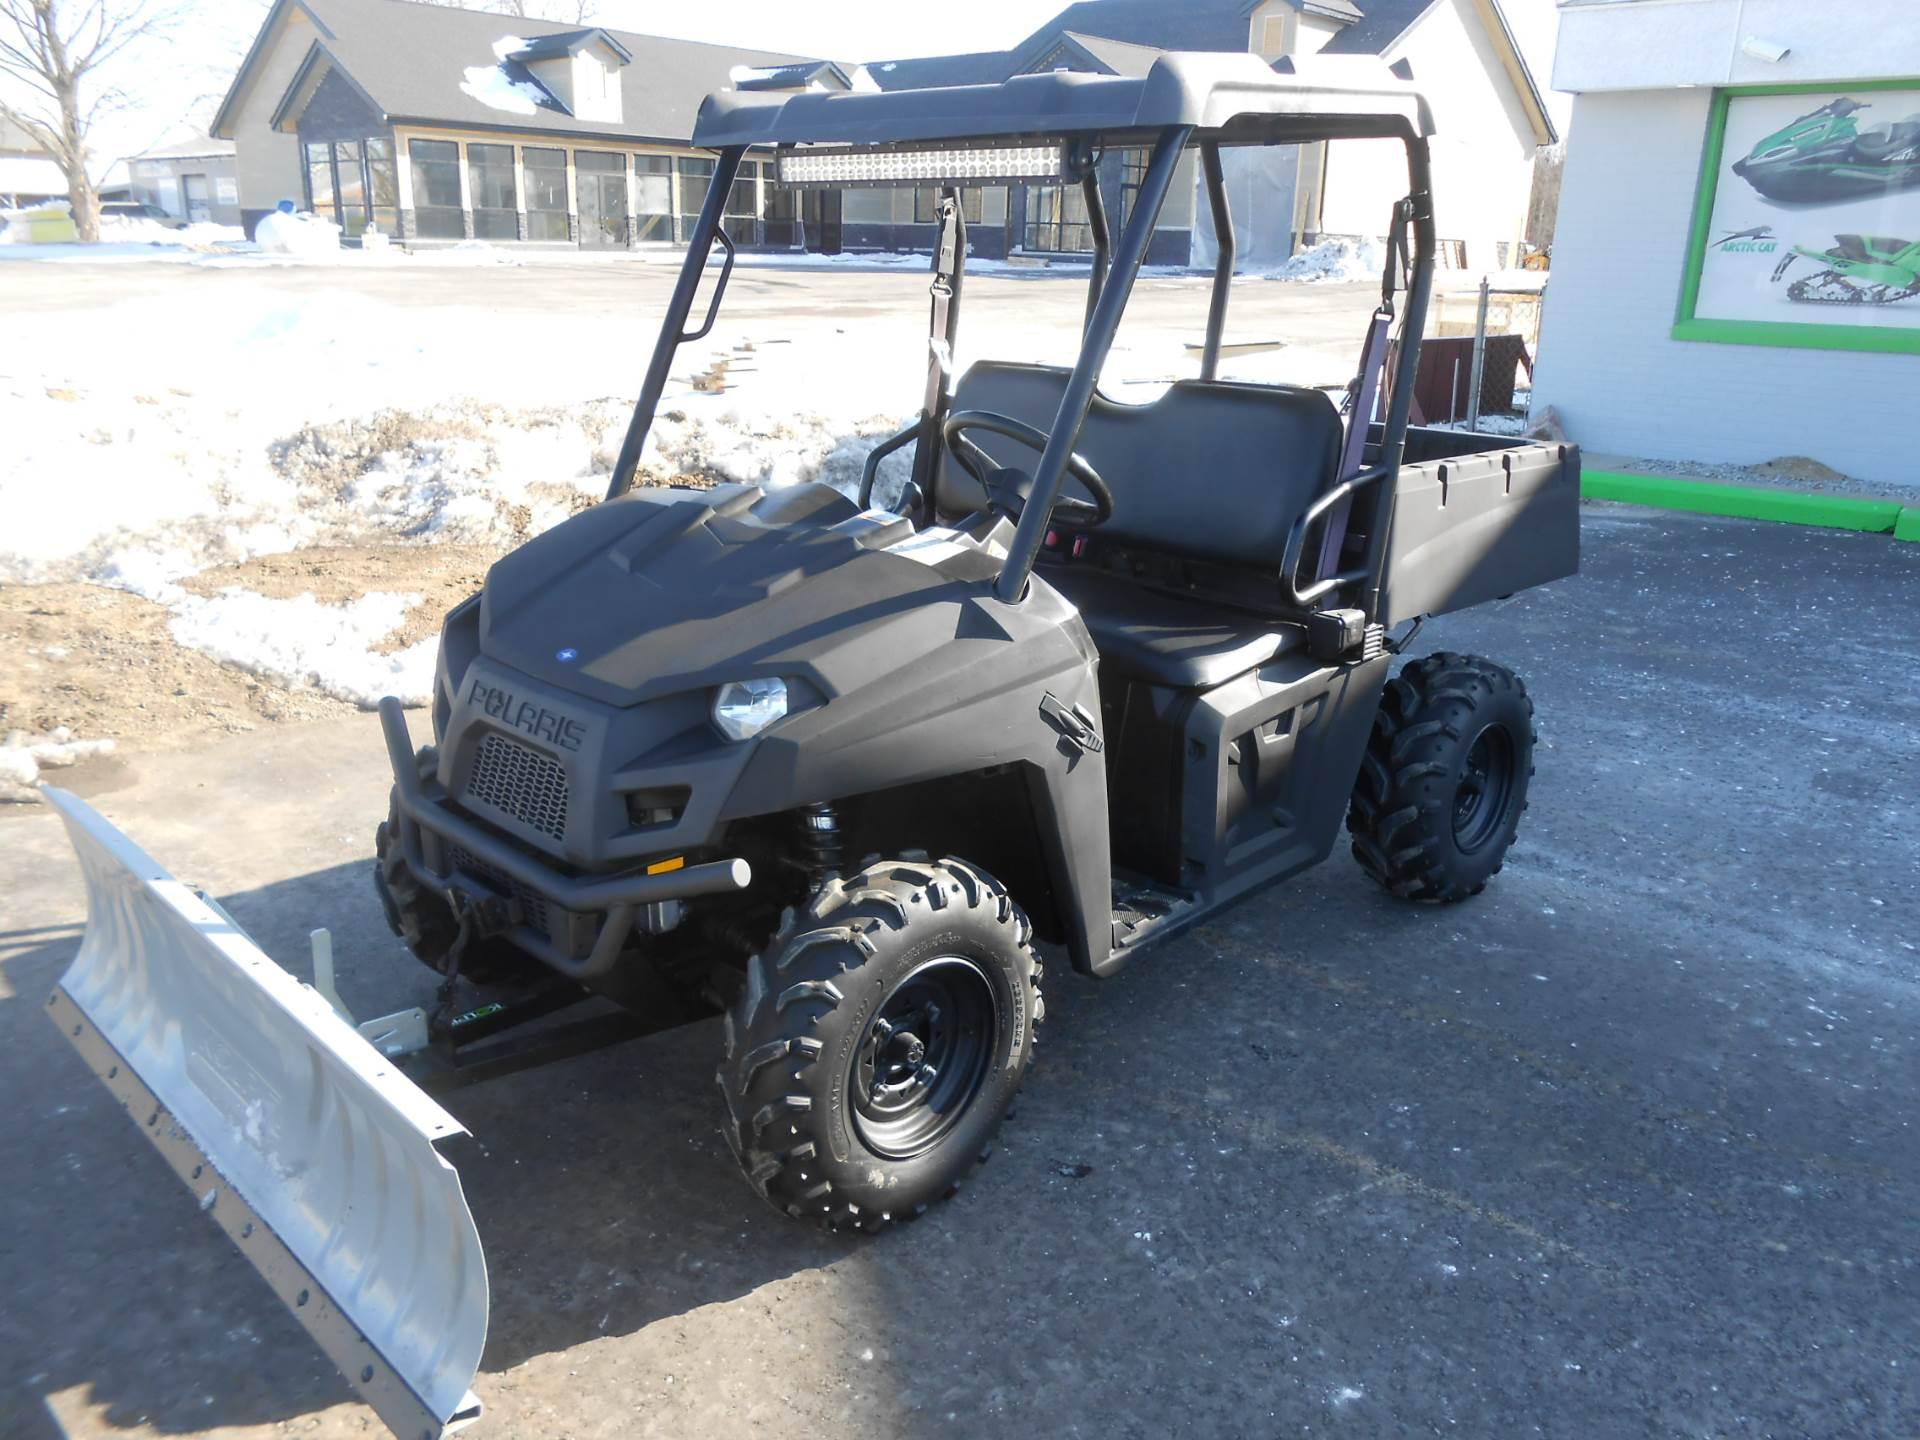 2014 Ranger 570 EFI